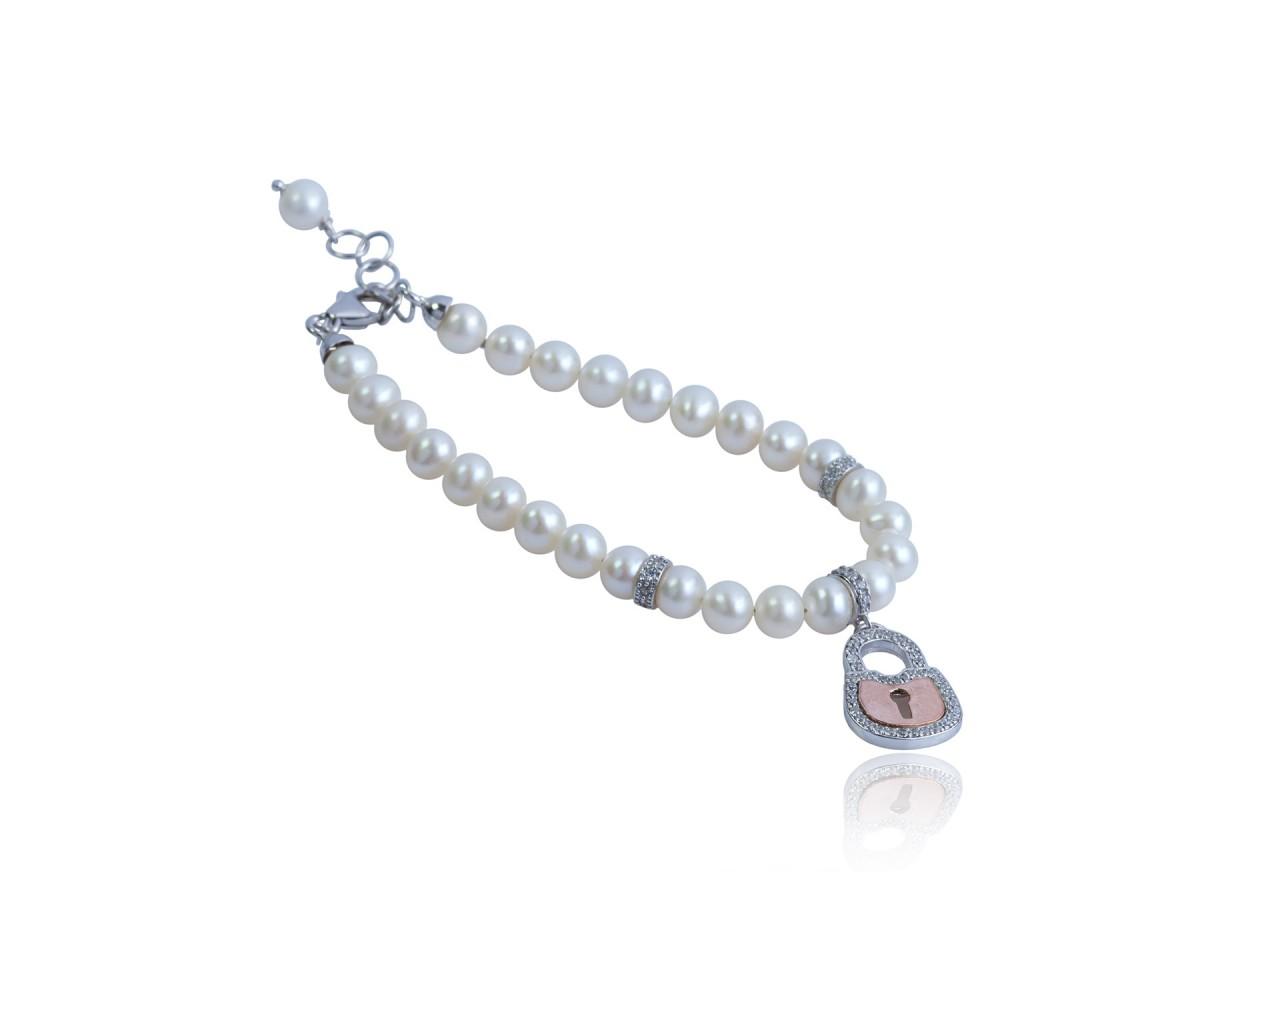 Bracciale in argento con perle di fiume e ciondolino raffigurante un catenaccio dell amore